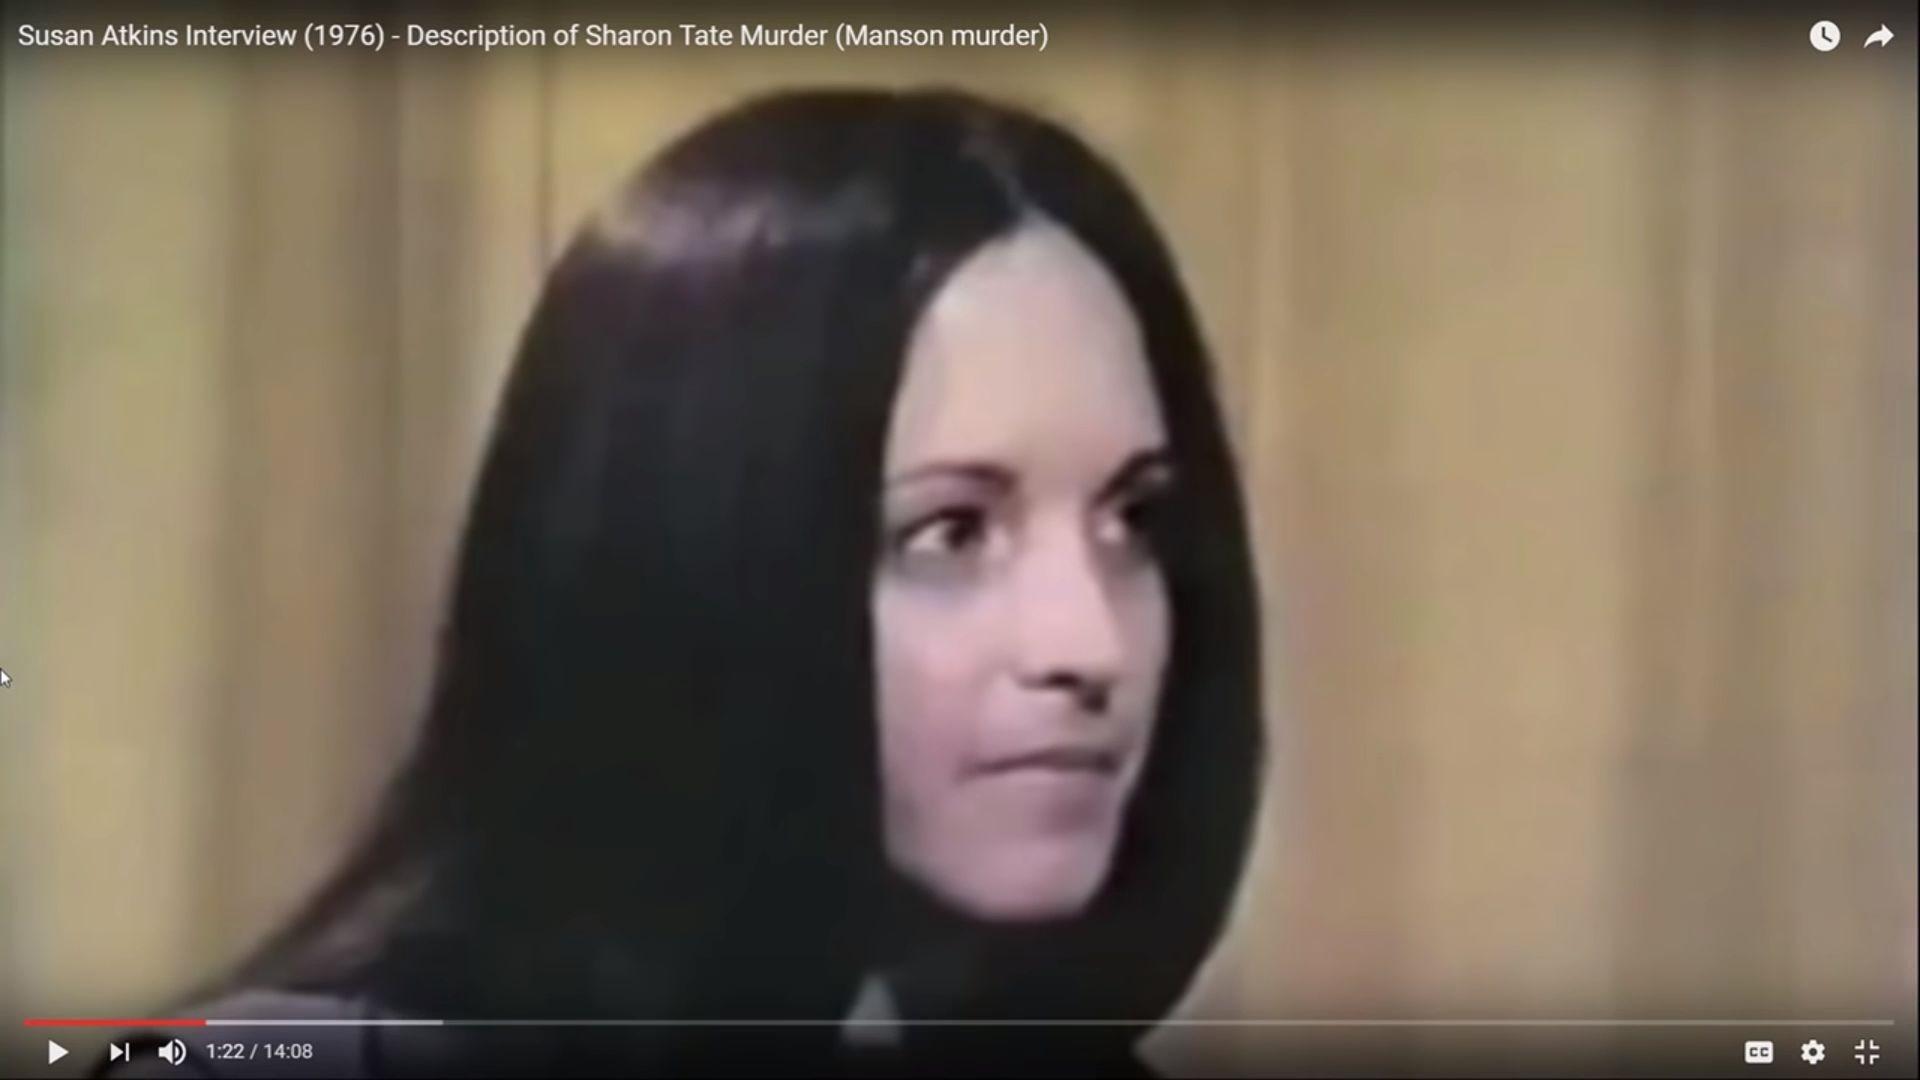 Body Language - Sharon Tate Murder - Susan Atkins